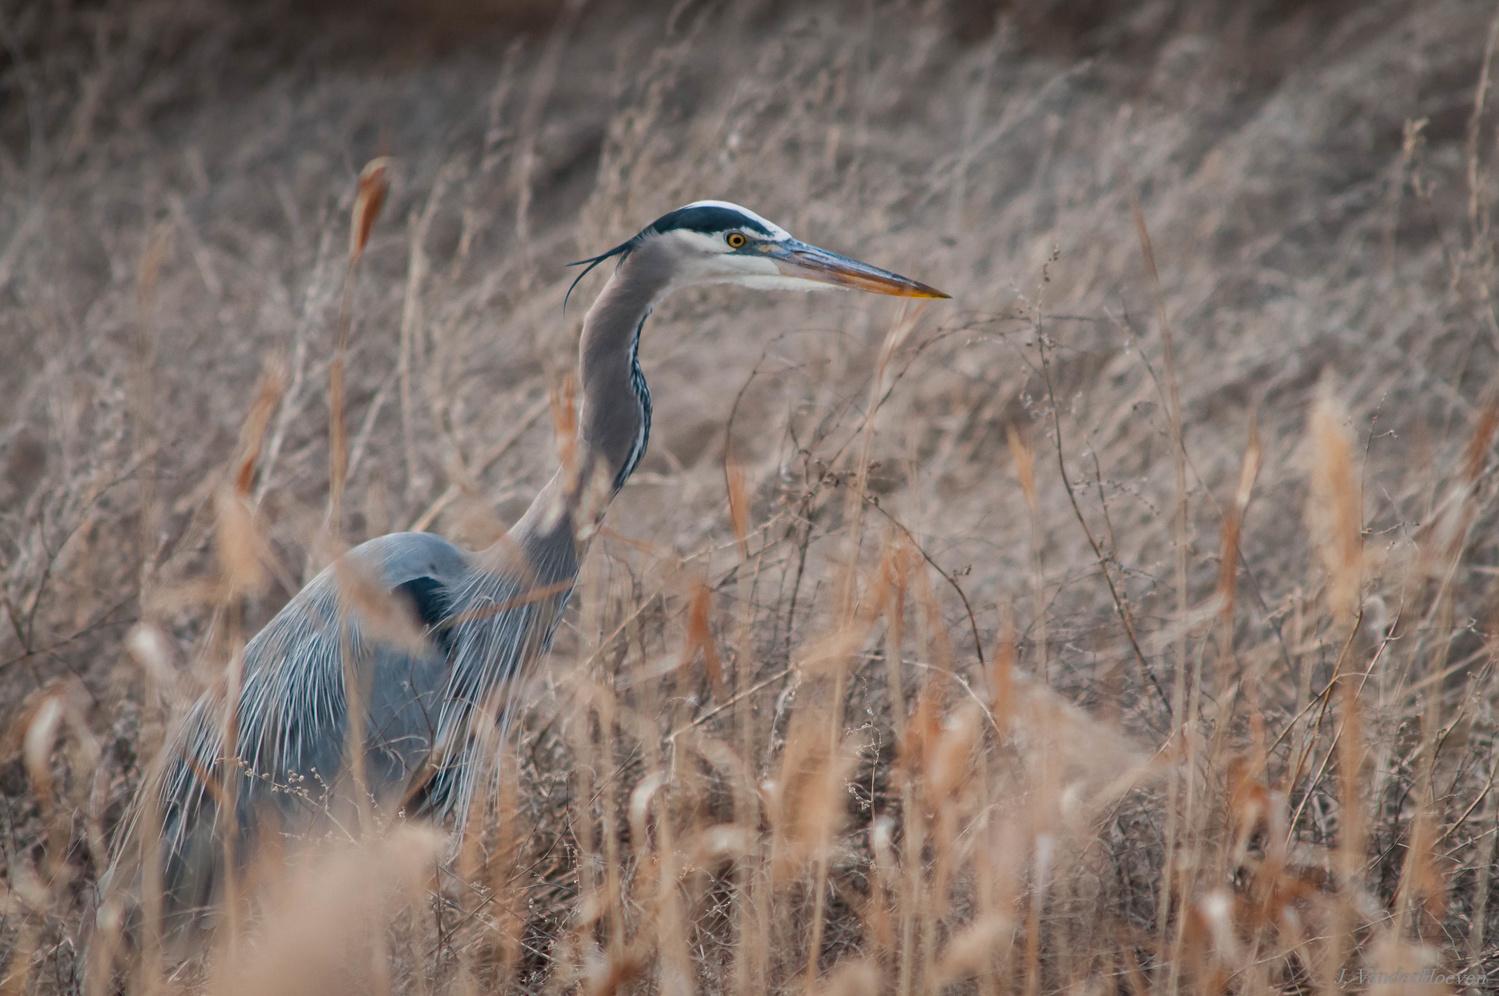 Blue in the Grass by Jake VanderHoeven